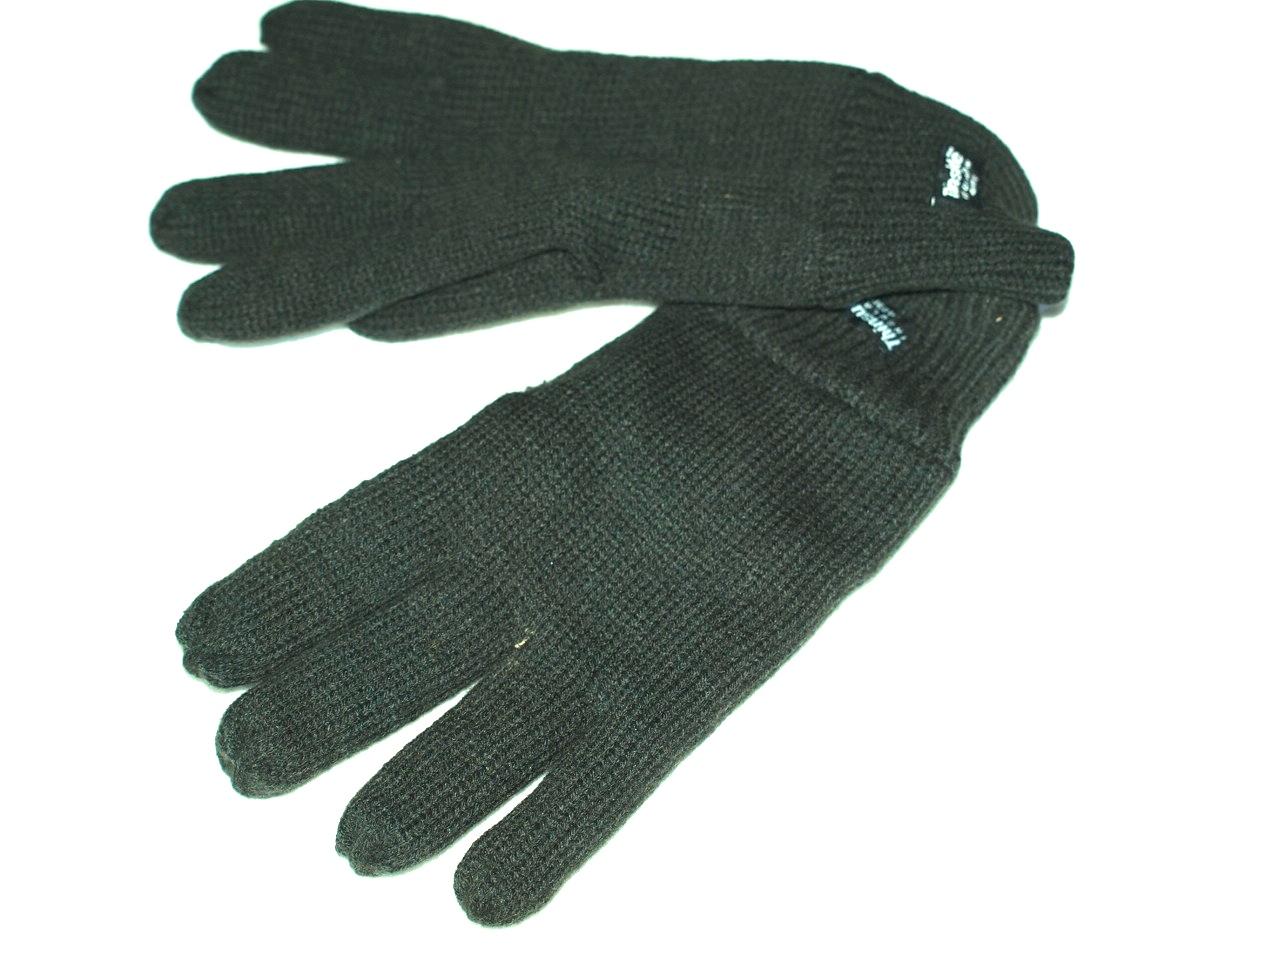 gants en laine et doublure thinsulate polaire pour grand froid. Black Bedroom Furniture Sets. Home Design Ideas